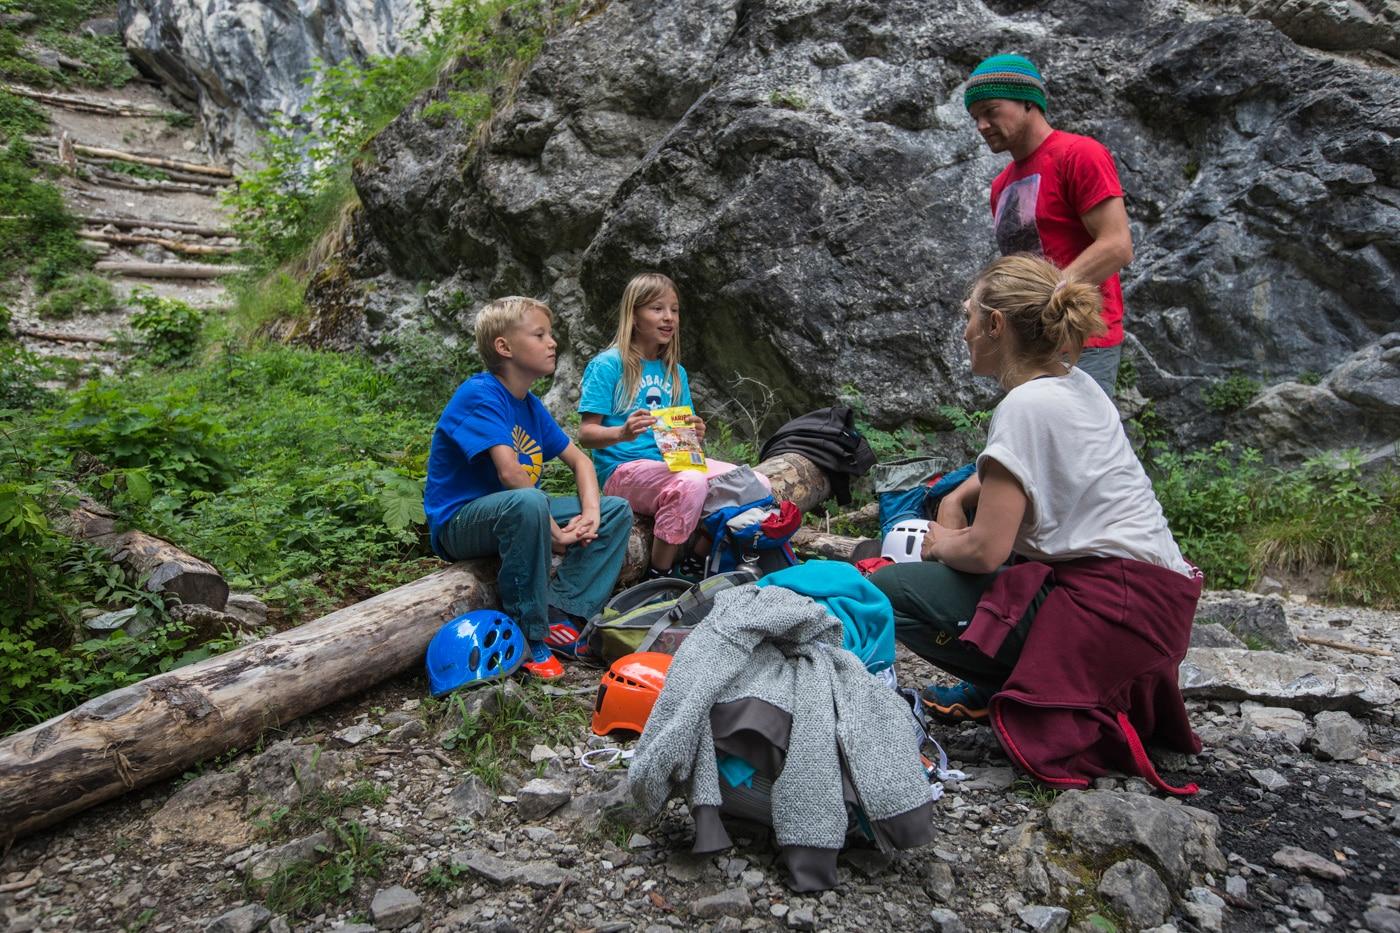 Kletterausrüstung Tipps : Klettern mit kindern die besten tipps bergwelten